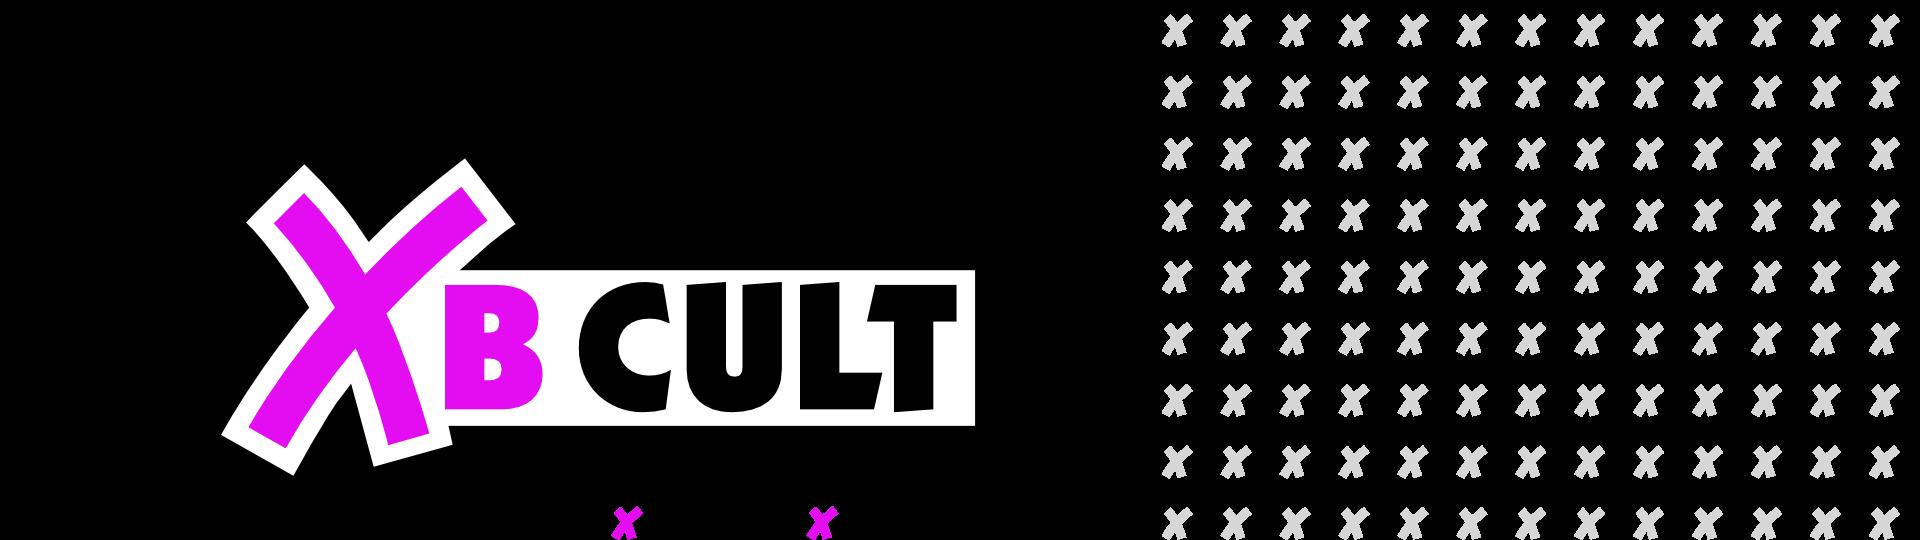 """Logoentwicklung für Eventagentur """"XB CULT"""""""